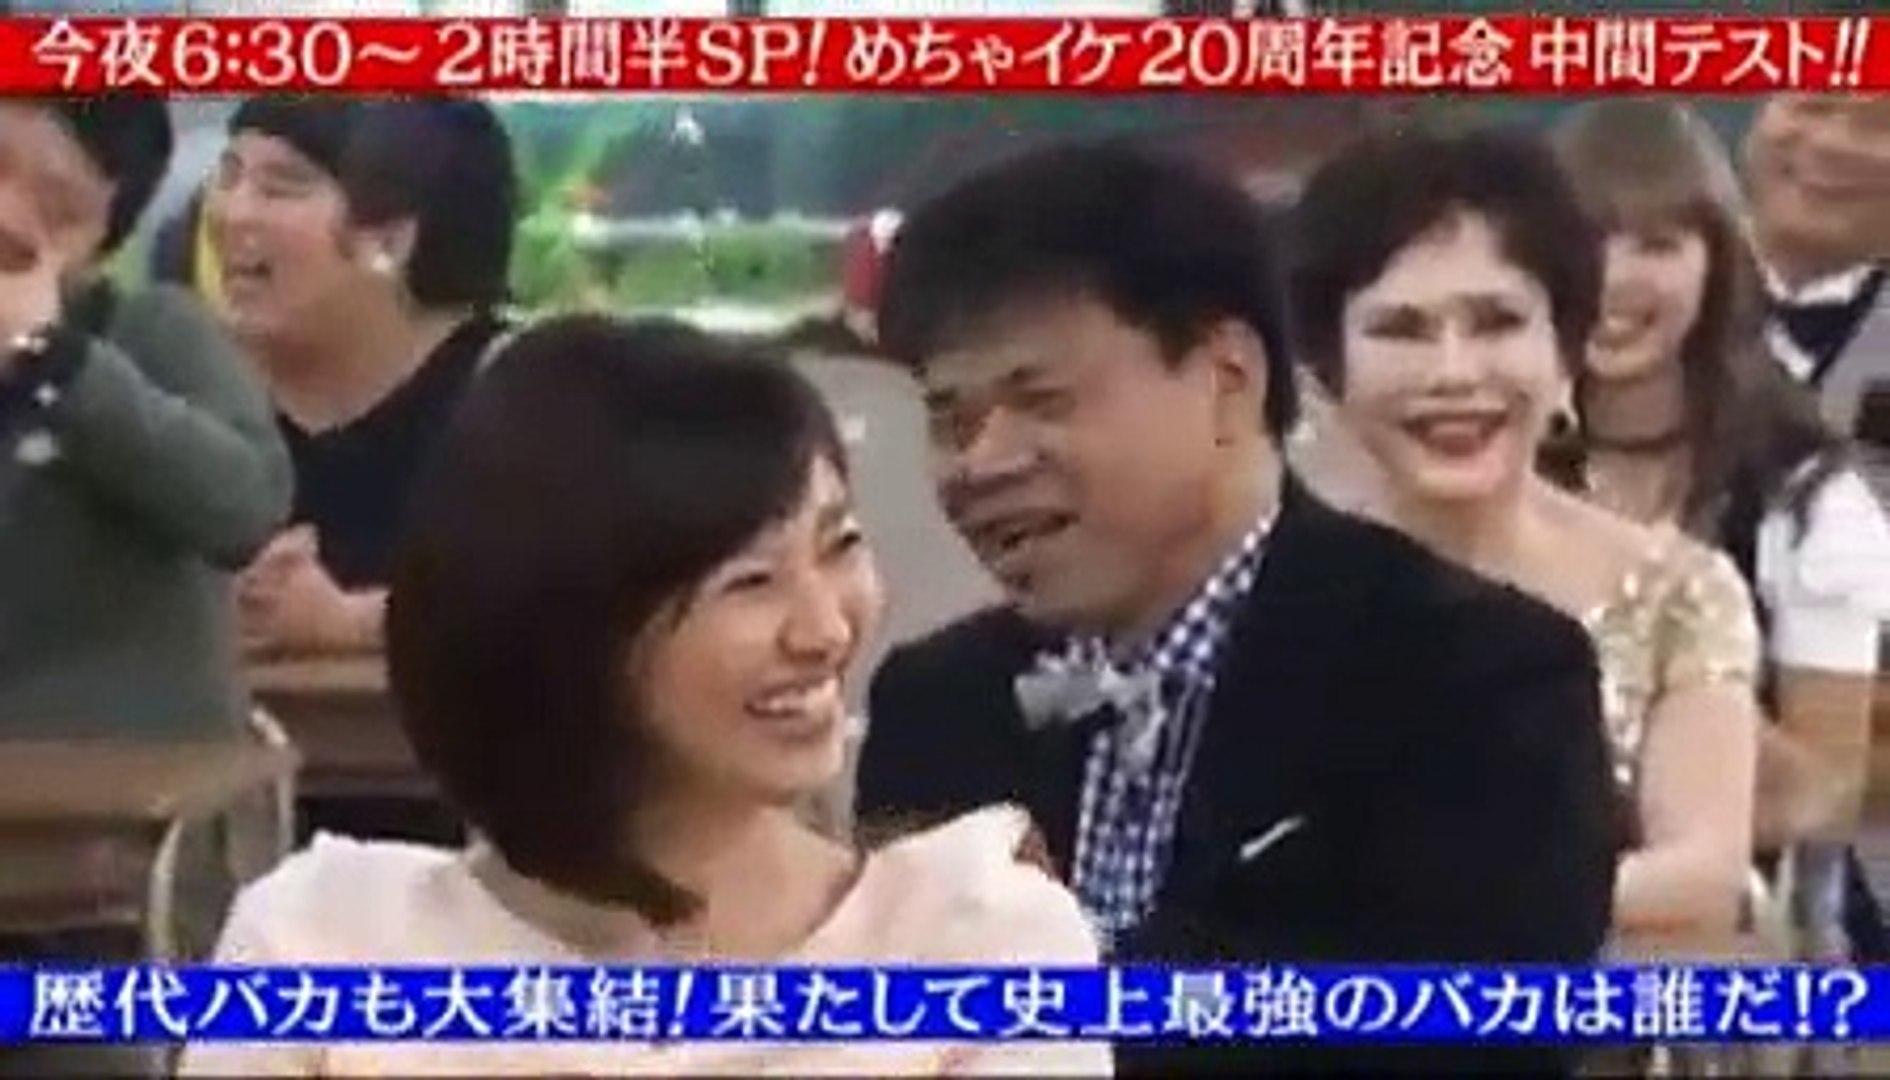 イケ テスト 動画 めちゃ